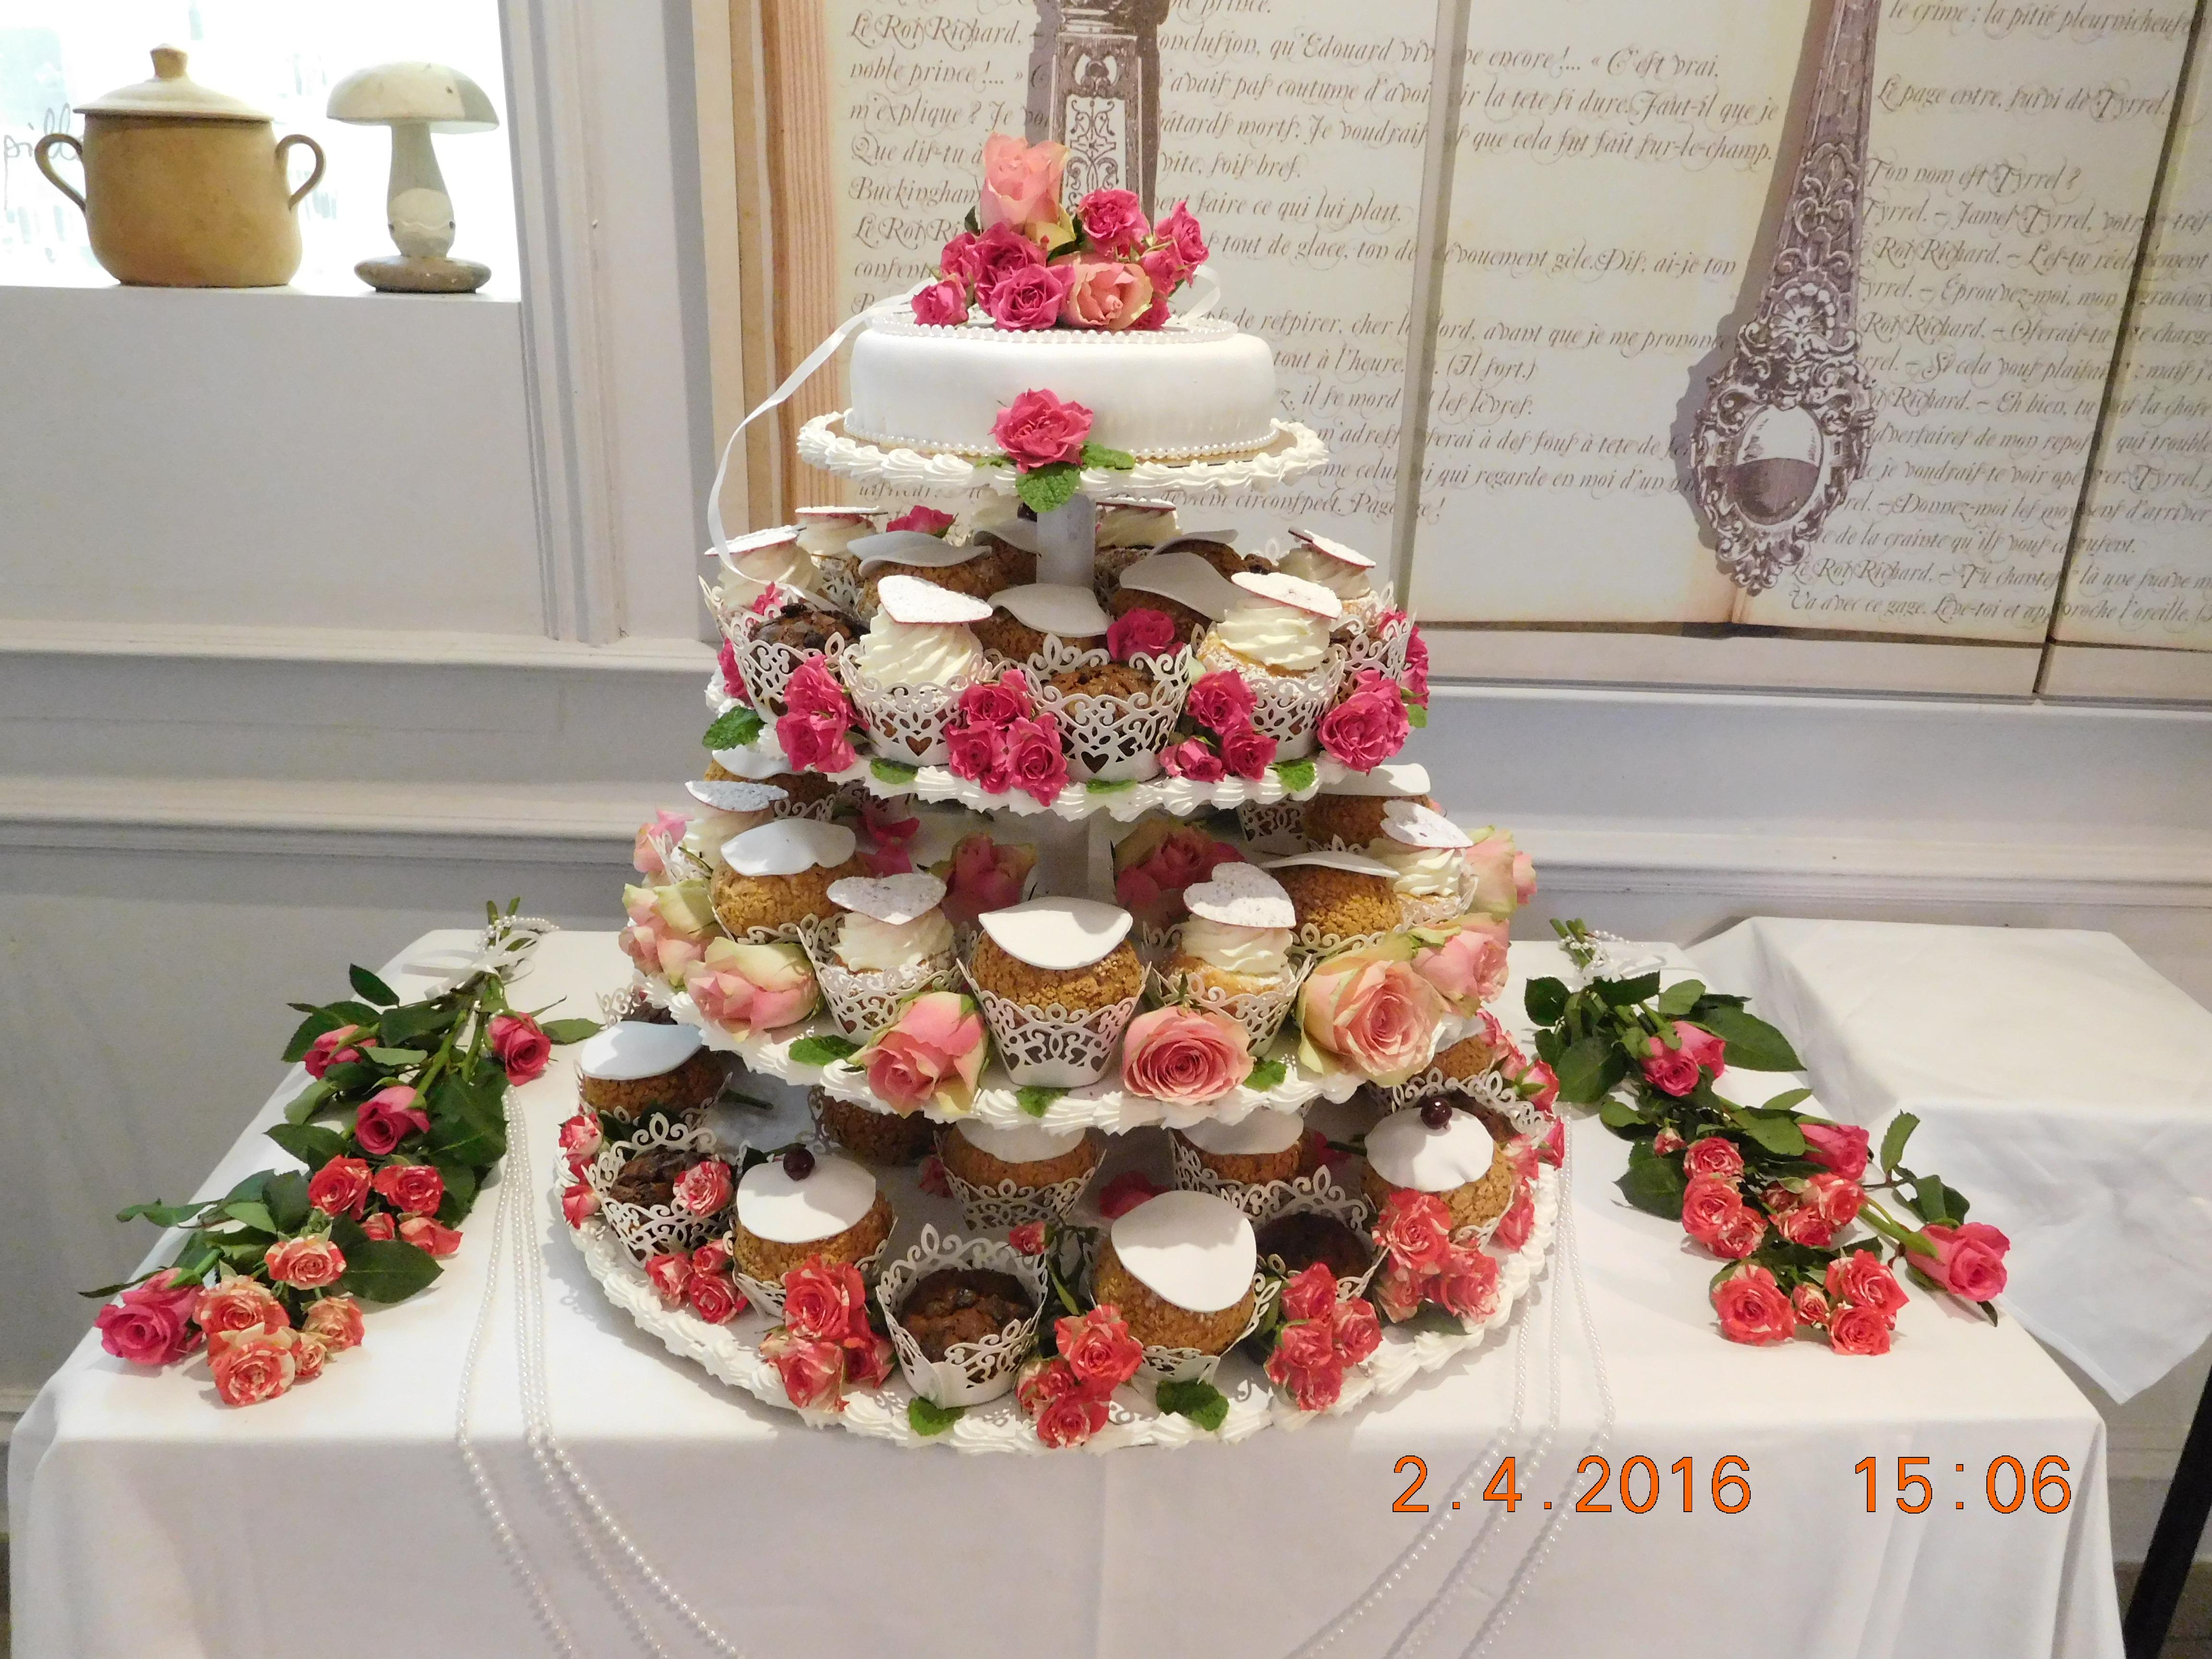 Pièce Montée cupe cake